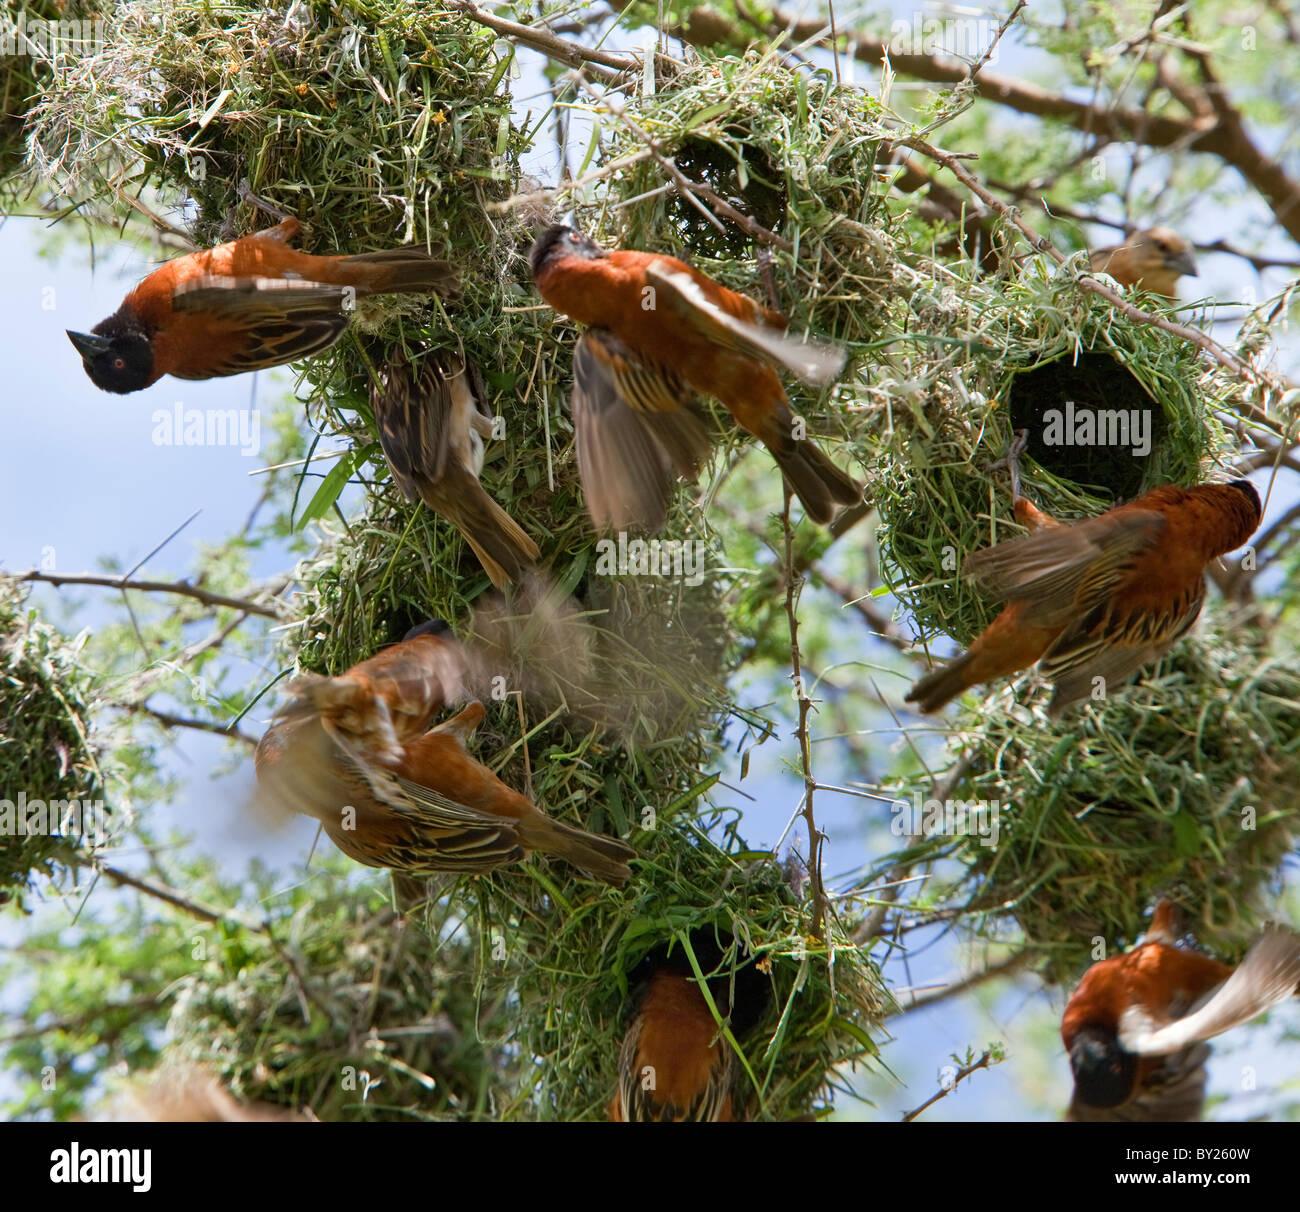 Chesnut tessitori costruiscono i loro nidi in stretta prossimità tra loro in una struttura ad albero di acacia Immagini Stock